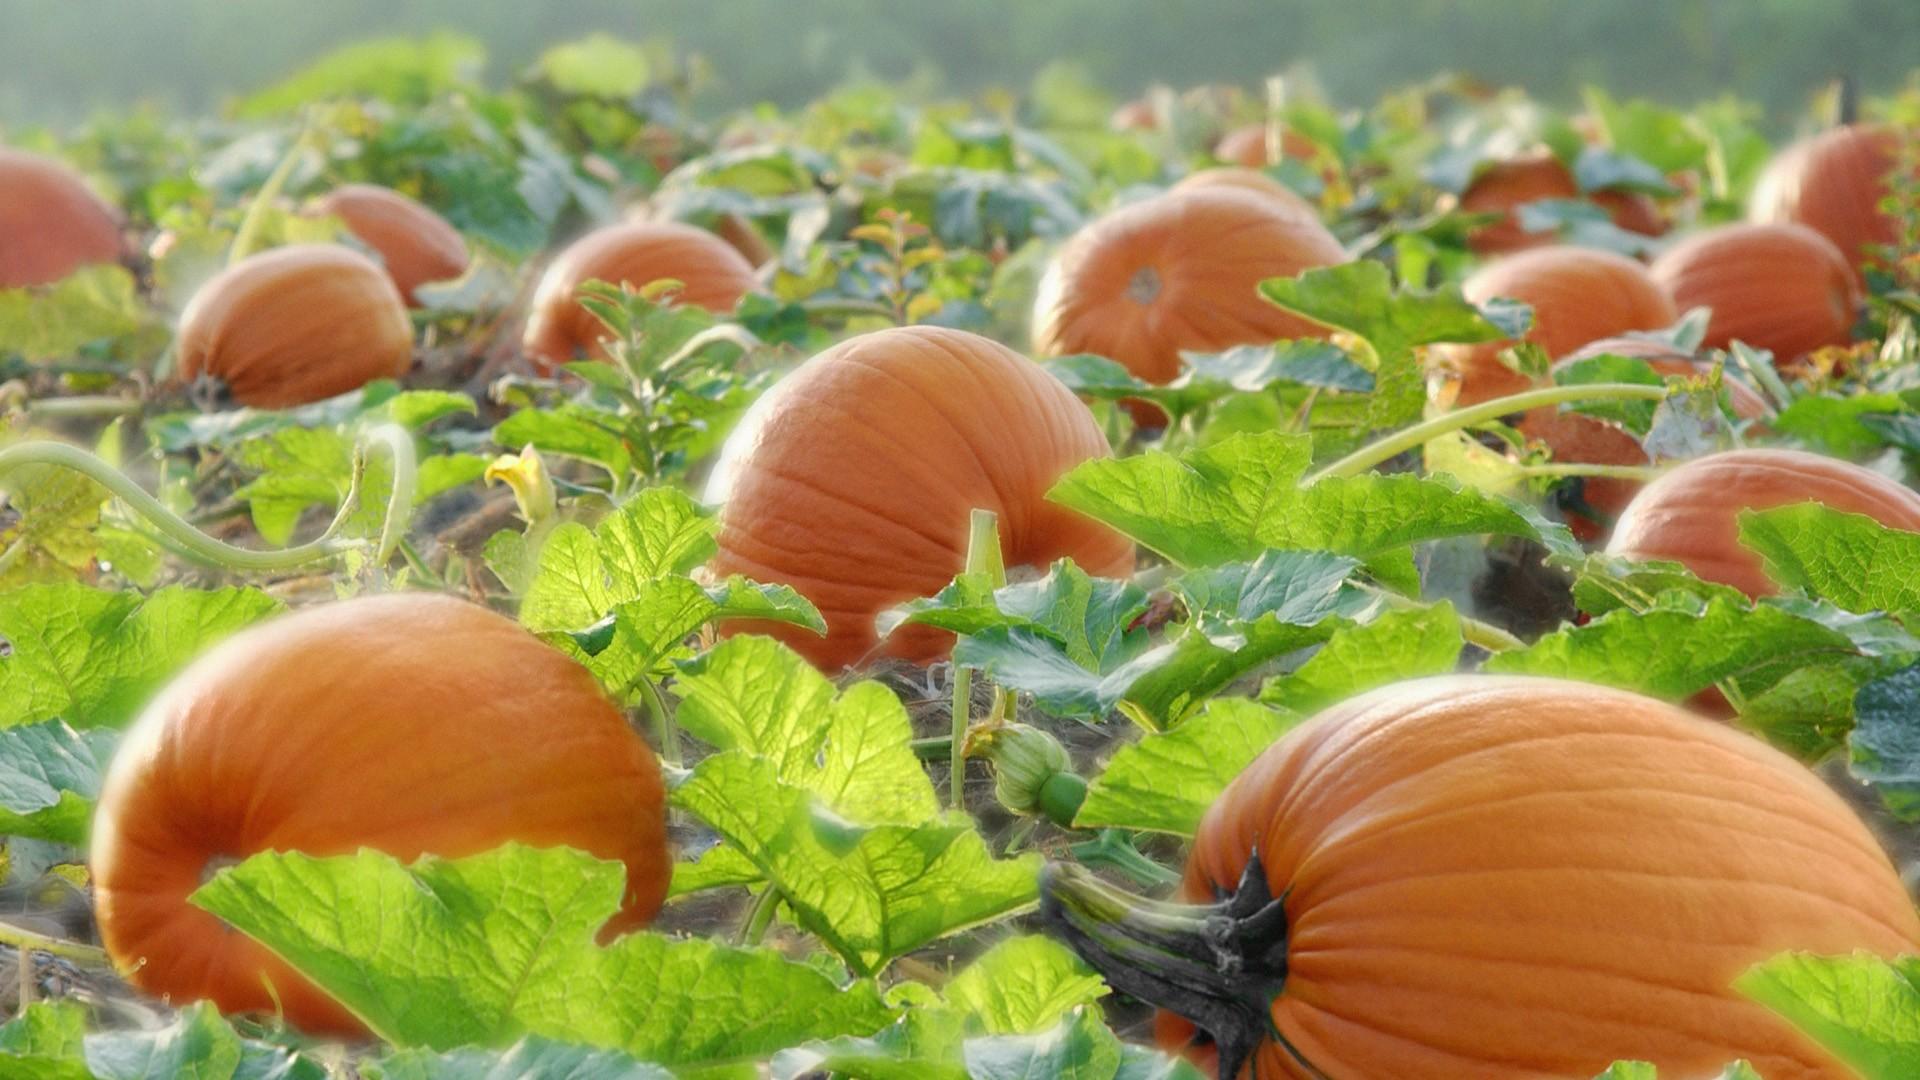 Nature___Seasons___Autumn_Pumpkin_ripens_on_the_field_043772_.jpg